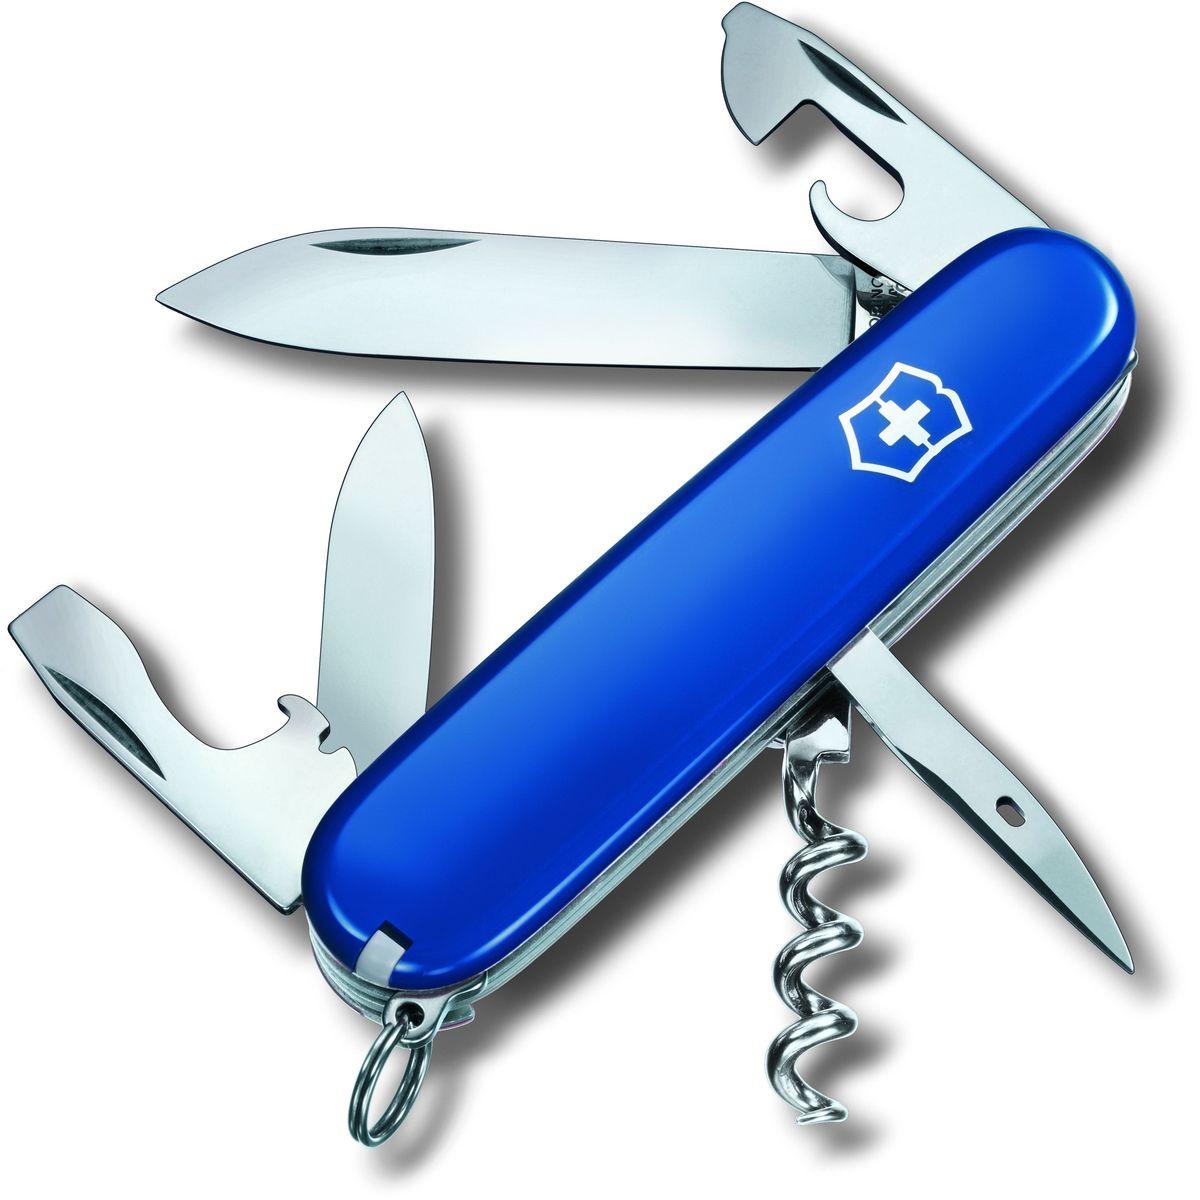 Нож перочинный Victorinox  Spartan , 12 функций, цвет: синий, длина 9,1 см - Ножи и мультитулы